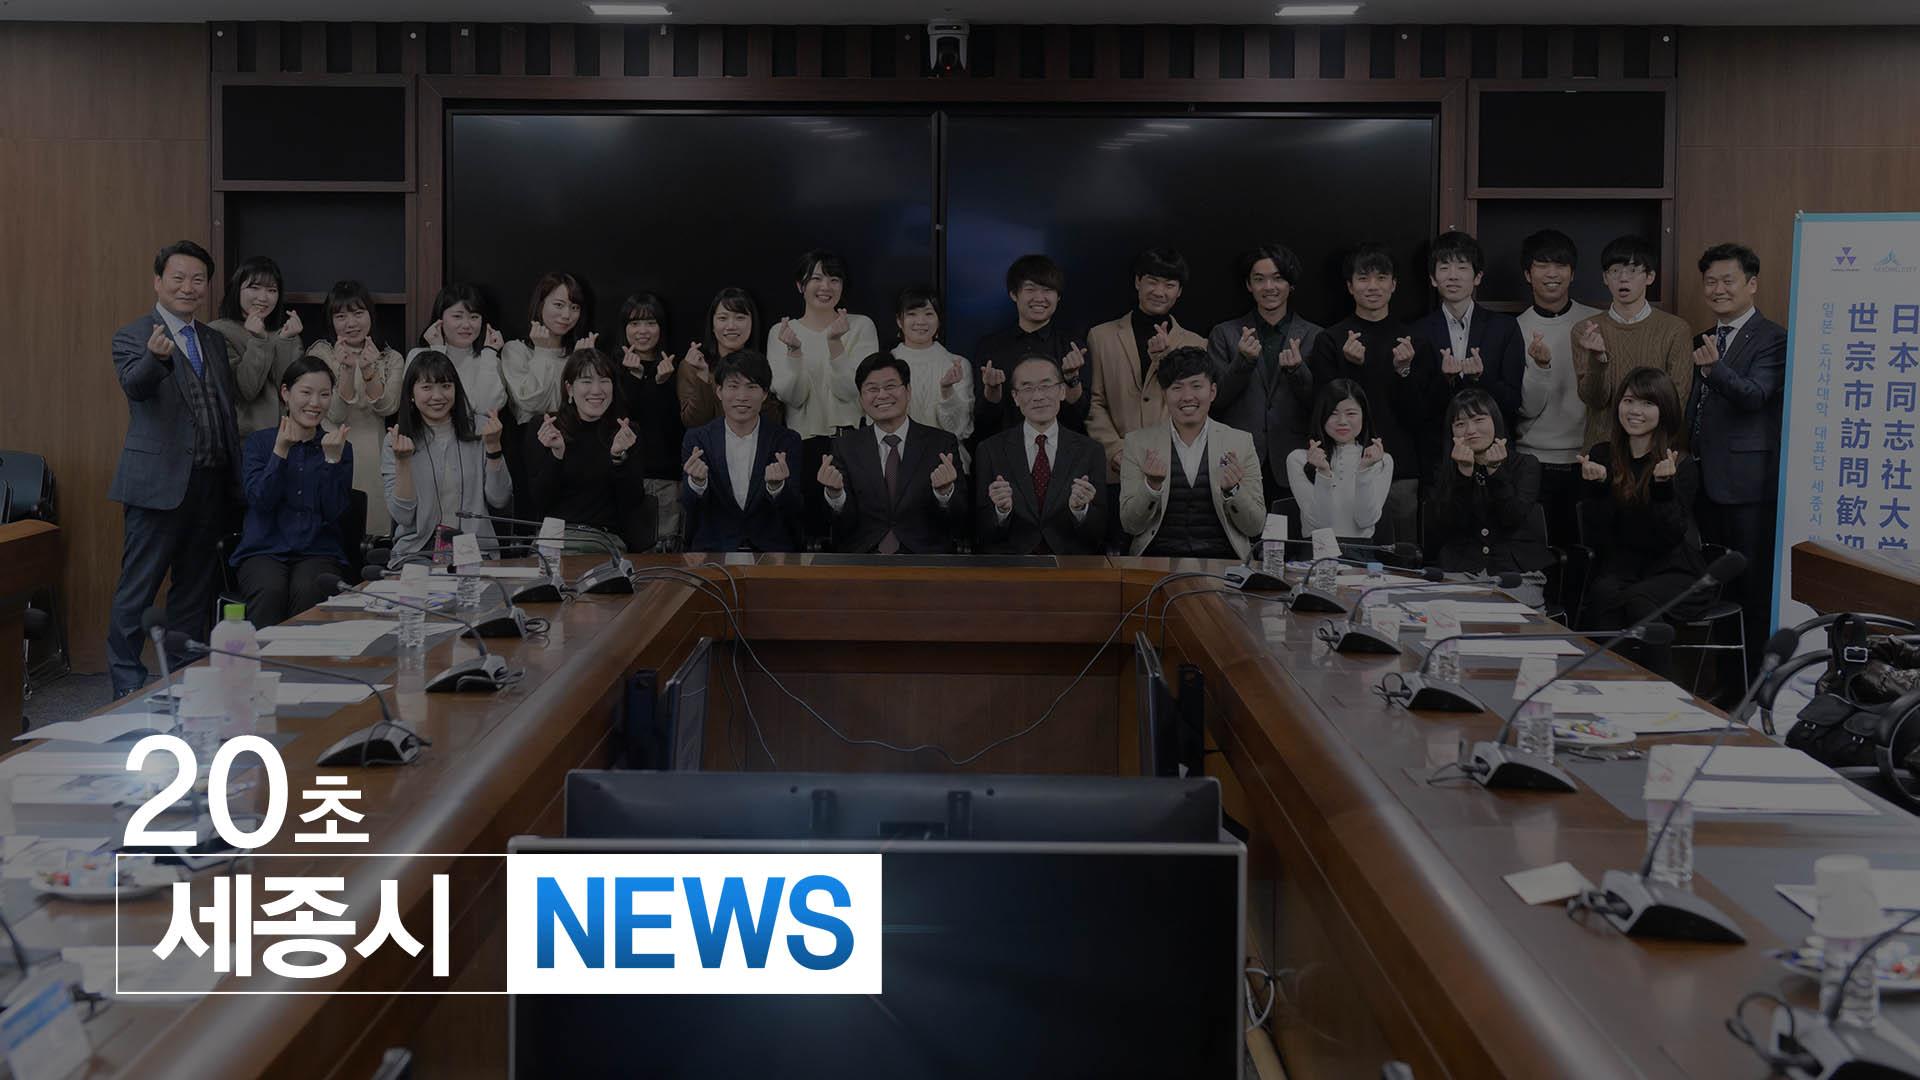 <20초뉴스> 일본 도시샤대학 정책학부 학생 일행 세종시 방문